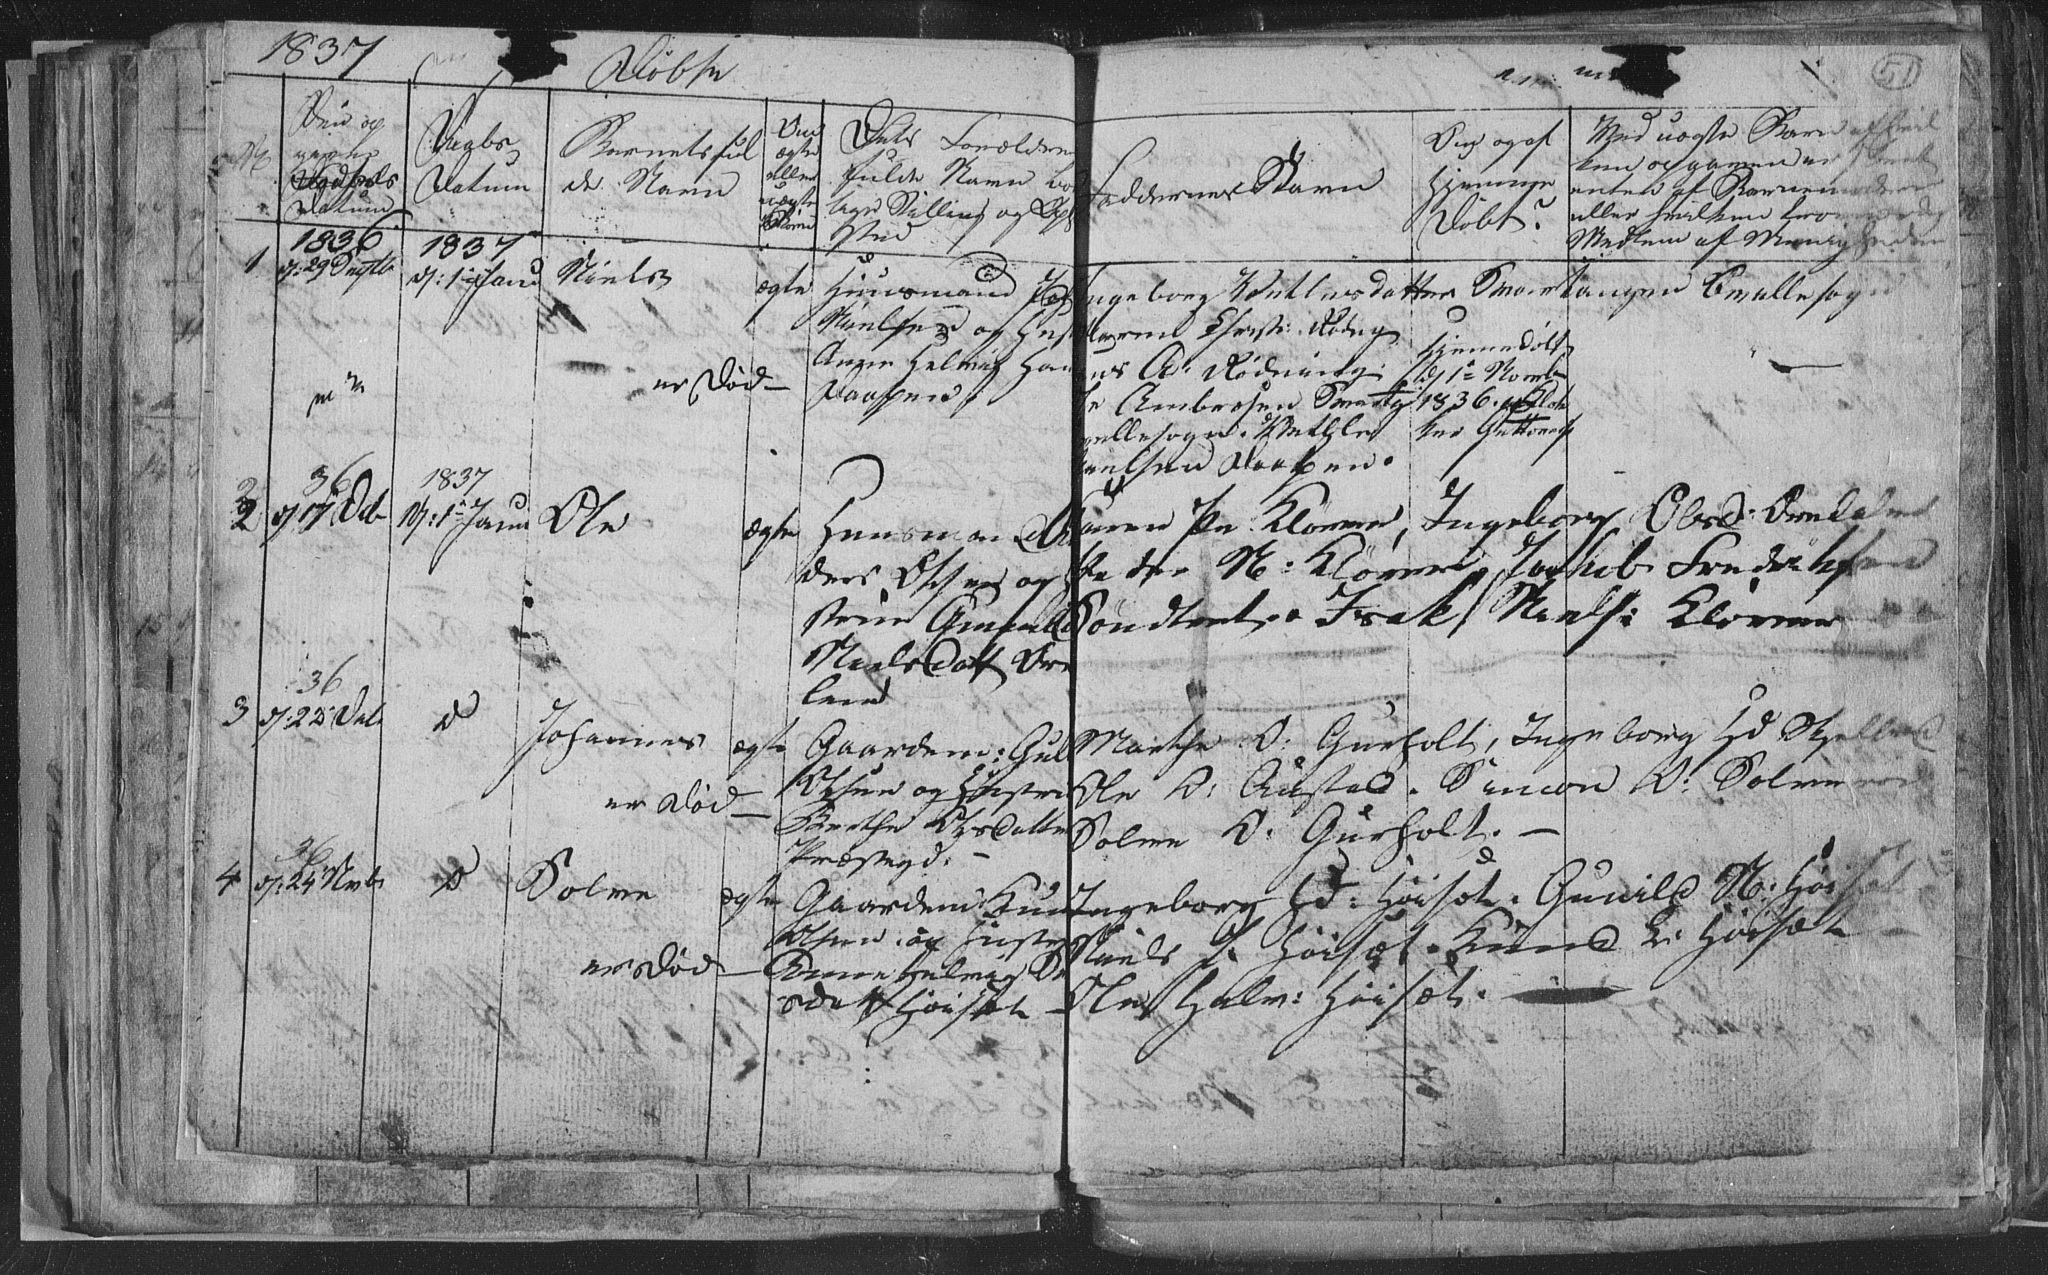 SAKO, Siljan kirkebøker, G/Ga/L0001: Klokkerbok nr. 1, 1827-1847, s. 51